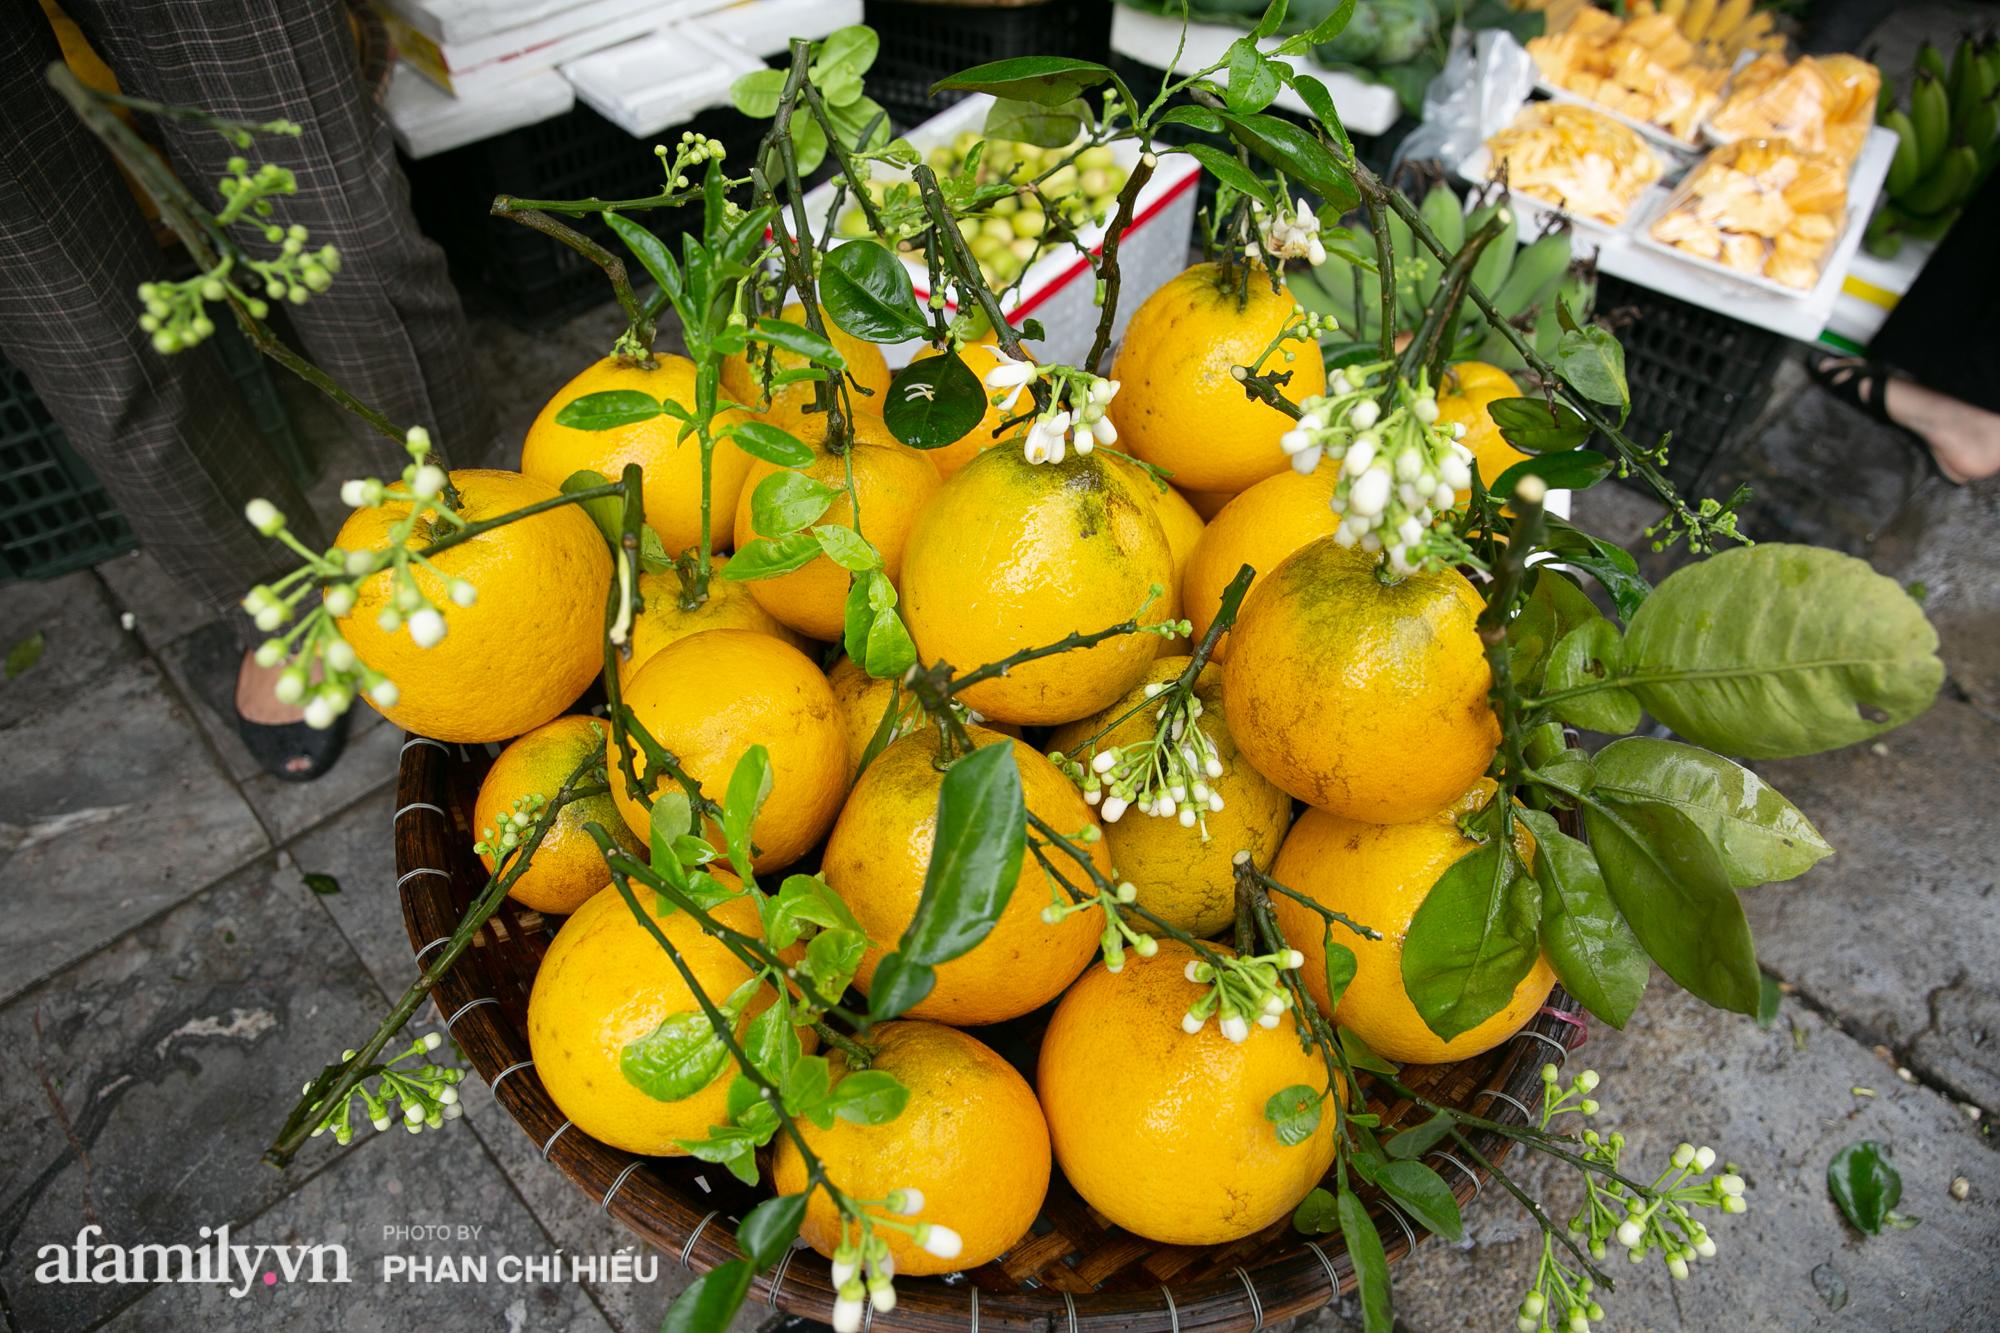 Hàng bưởi Diễn da vàng óng có từng búi hoa tươi trở thành món hàng siêu độc trên chợ nhà giàu Hà Nội, tận 100k/quả, bà chủ thu cả chục triệu mỗi ngày!  - Ảnh 2.